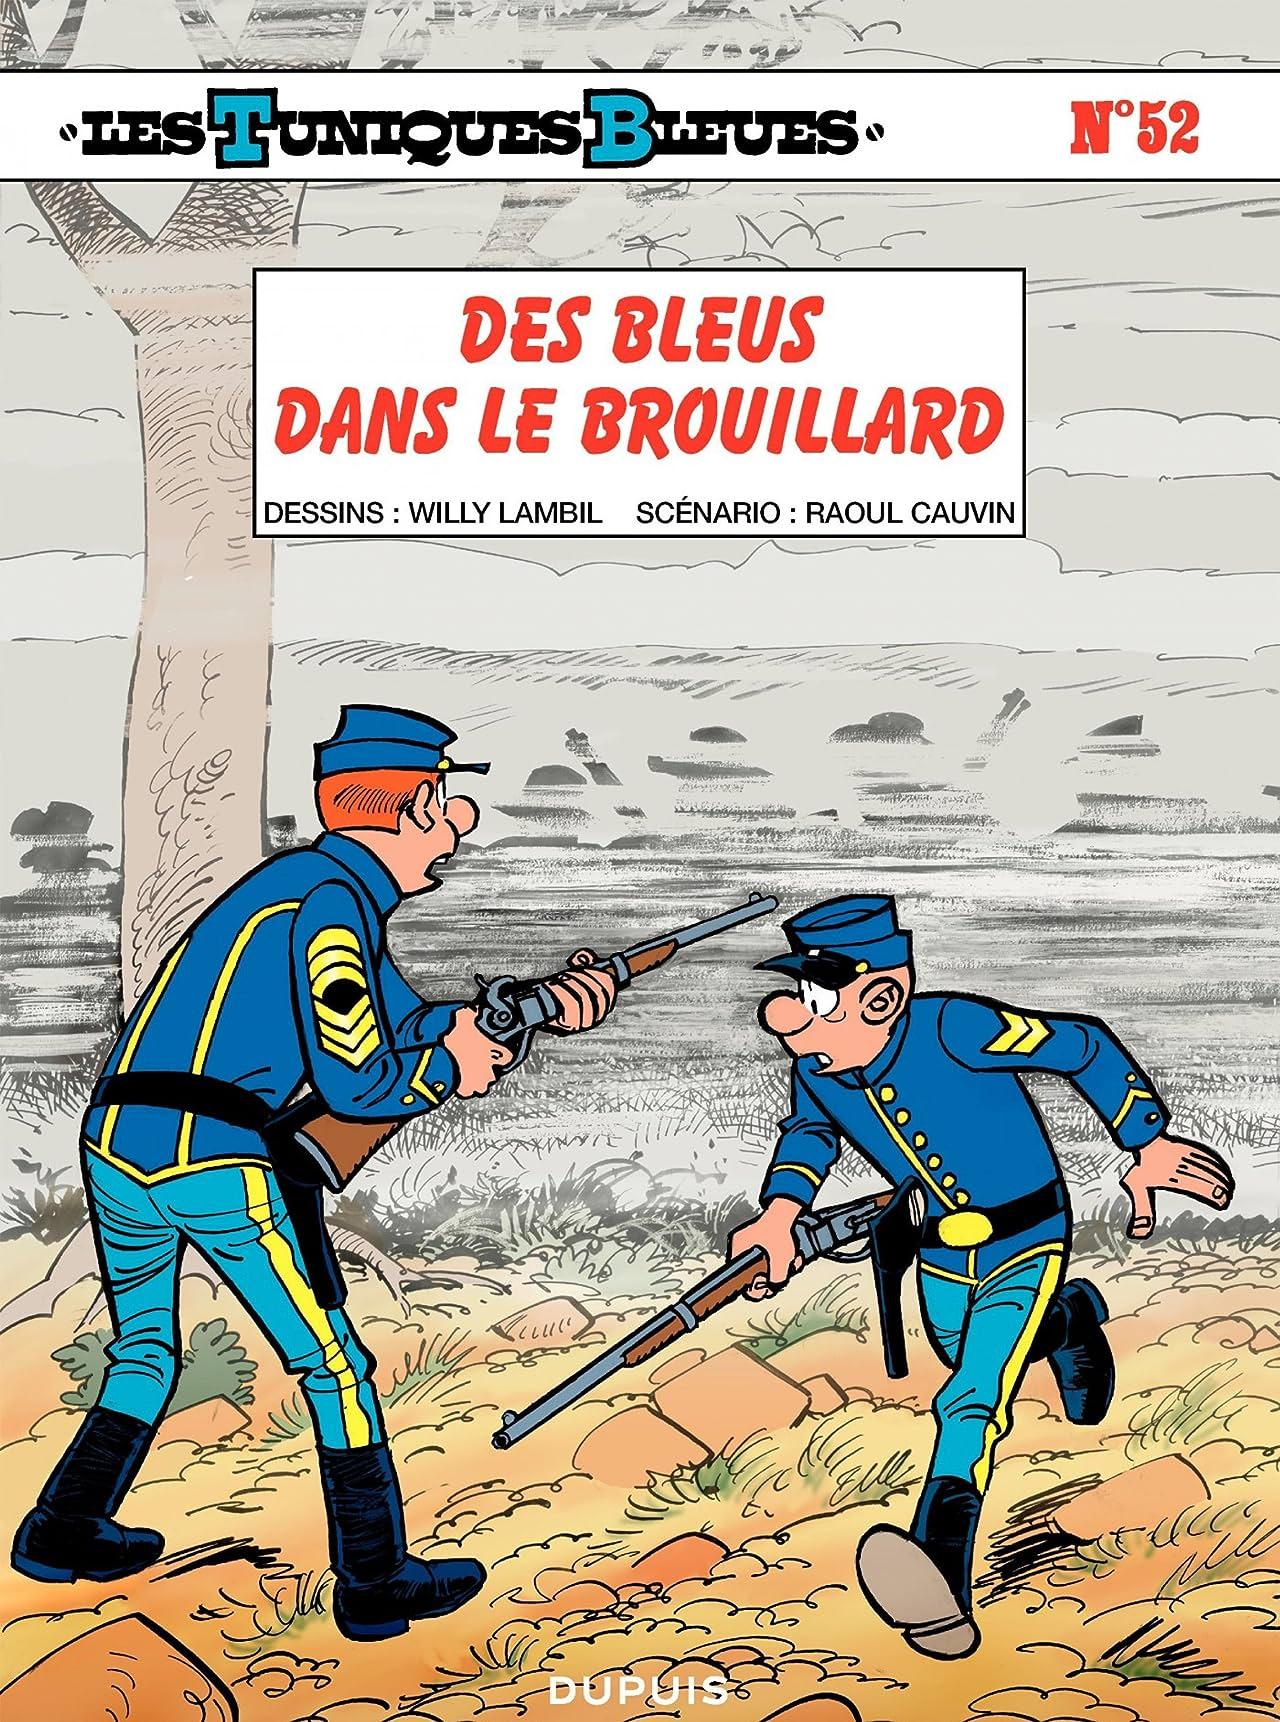 Les Tuniques Bleues Vol. 52: Des bleus dans le brouillard